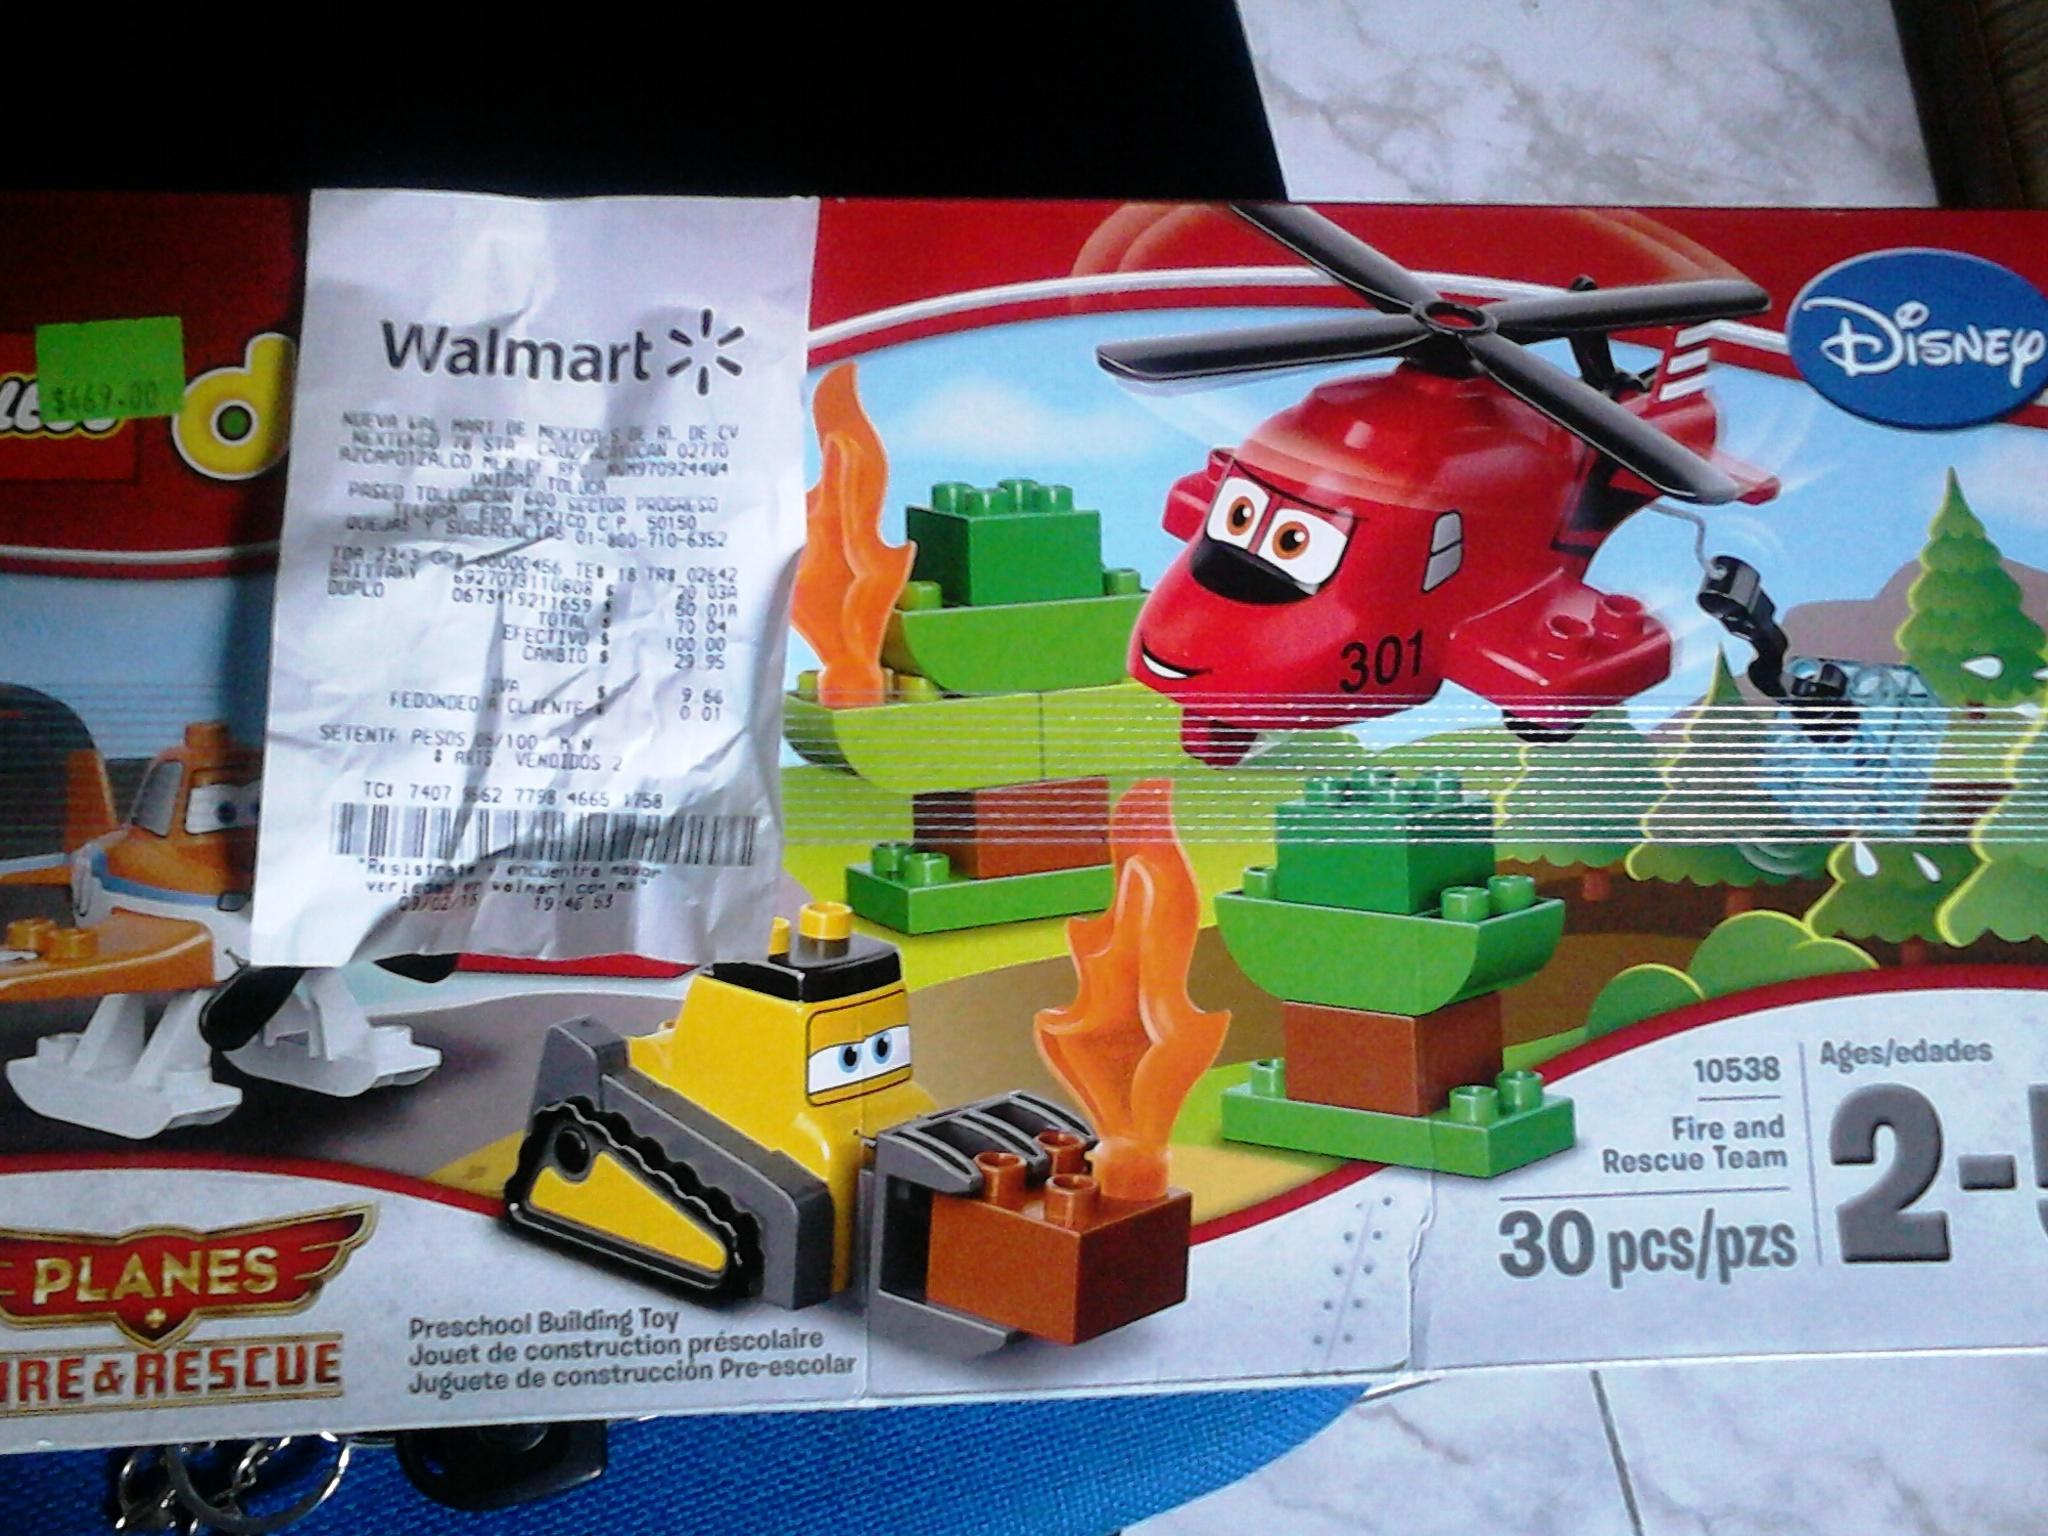 Walmart: Lego Duplo Set de Aviones Equipo de Rescate a $50.01